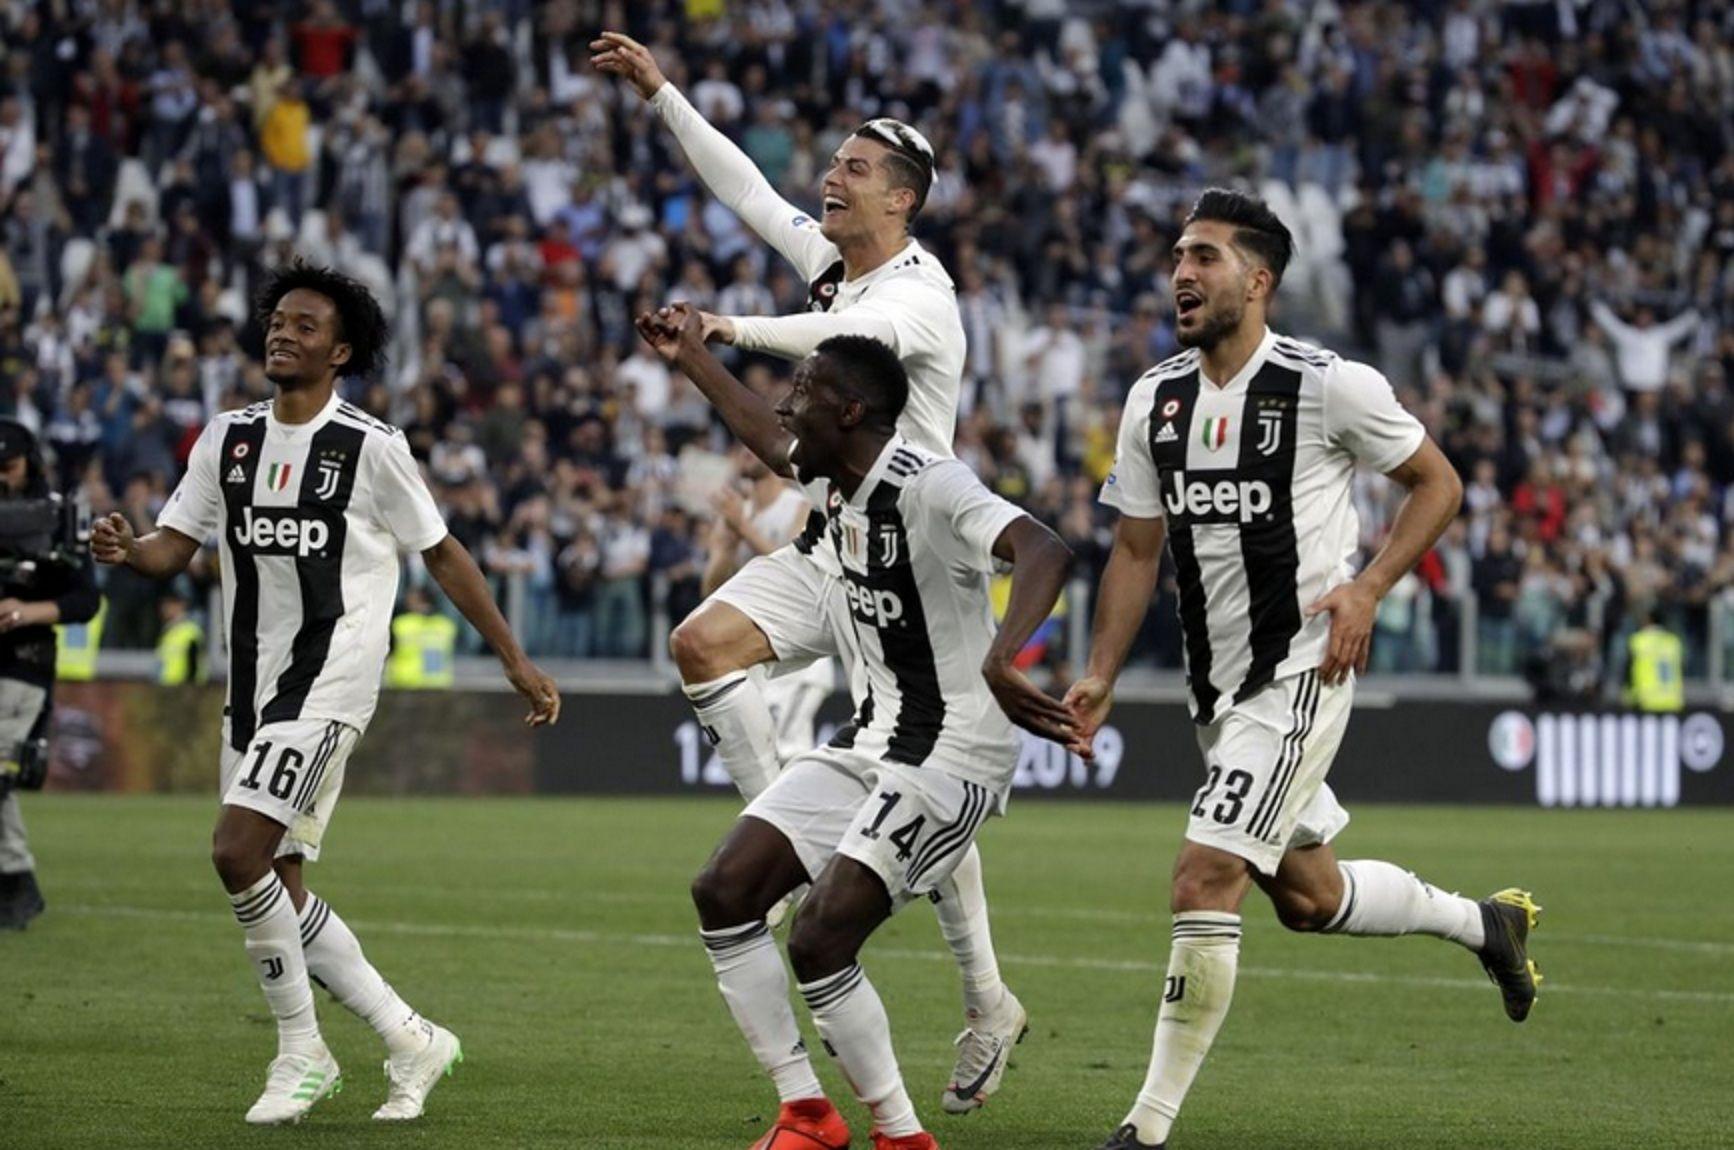 Juventus ganó su primer Scudetto con Cristiano Ronaldo